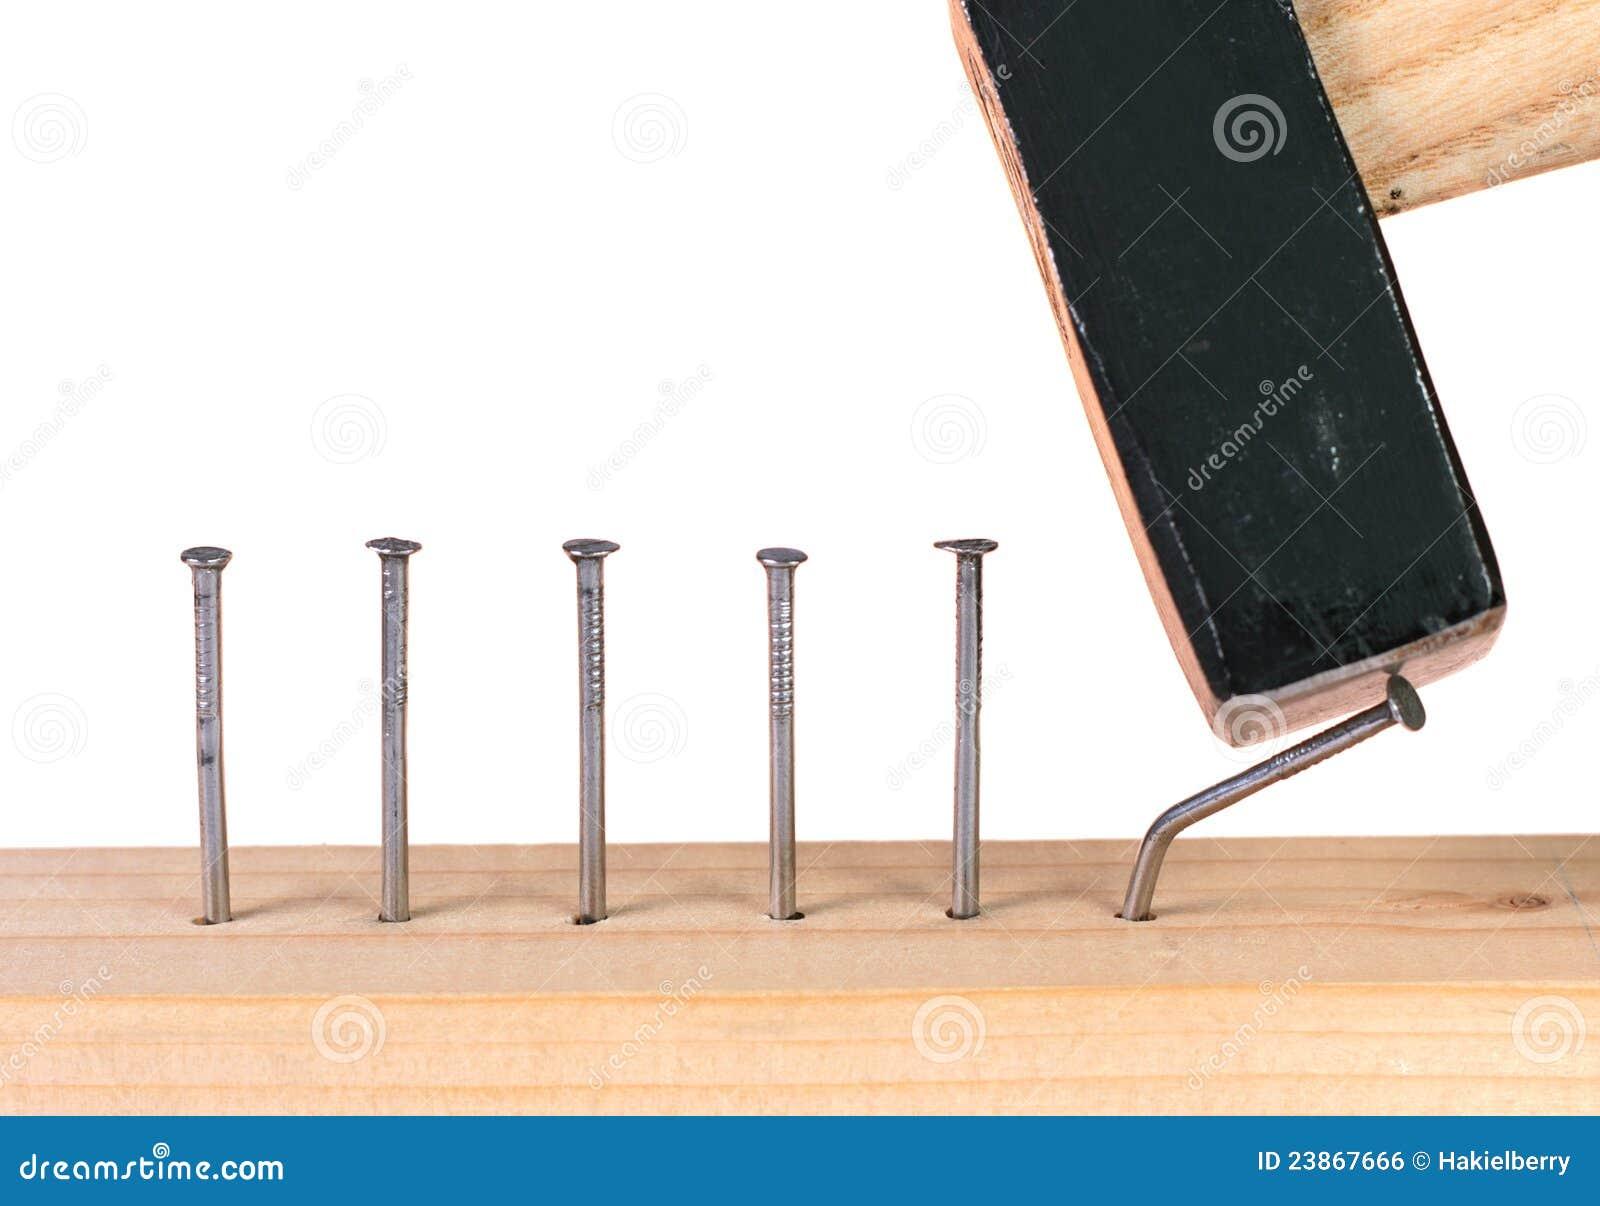 Ausgefallen, wenn Nagel in hölzerne Planke gehammert wird.